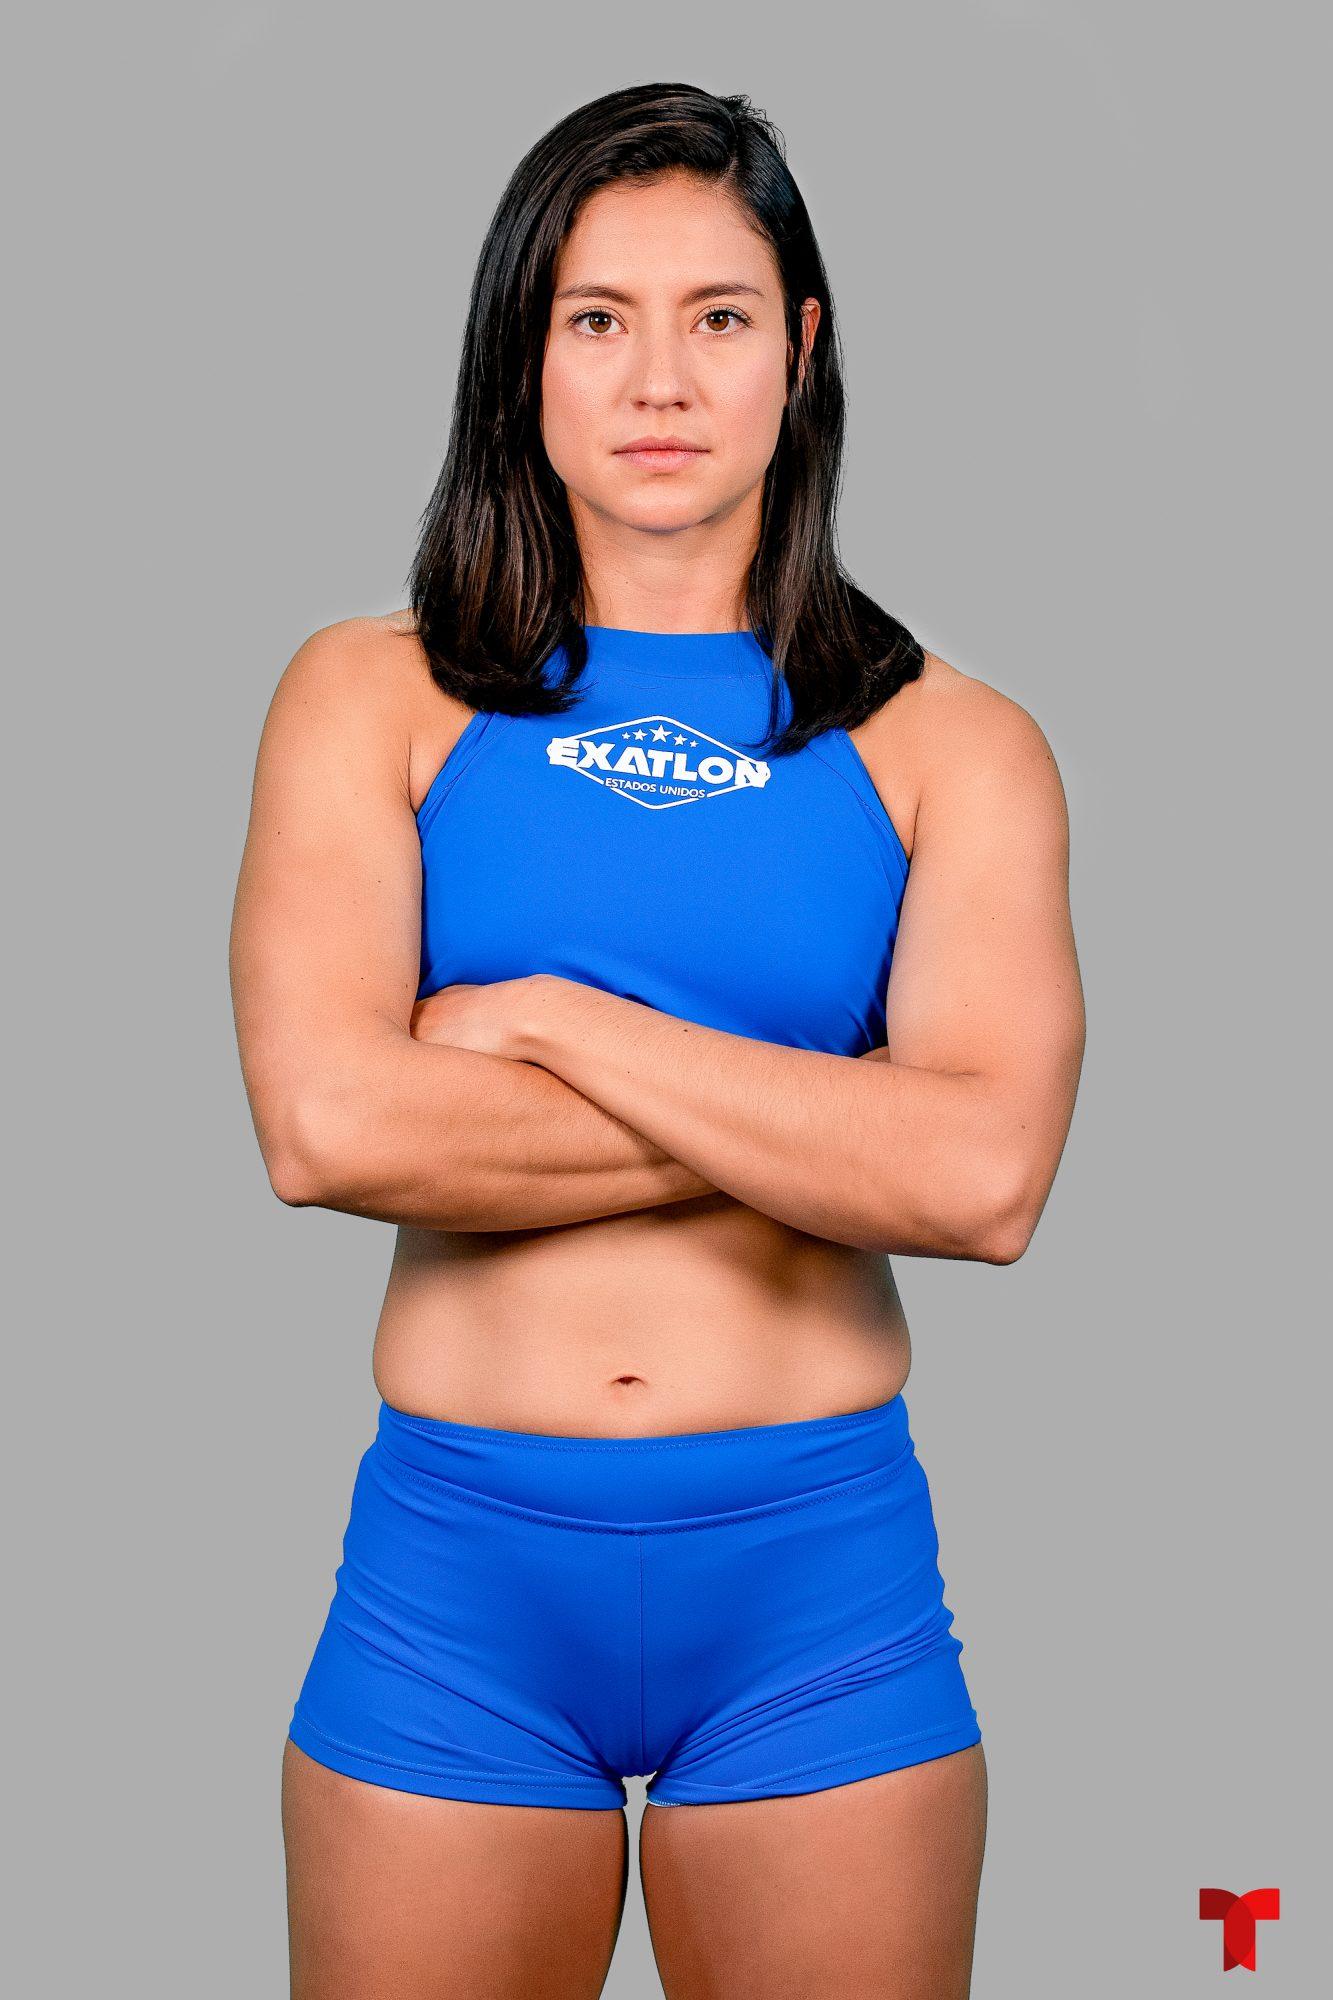 Raquel Becker